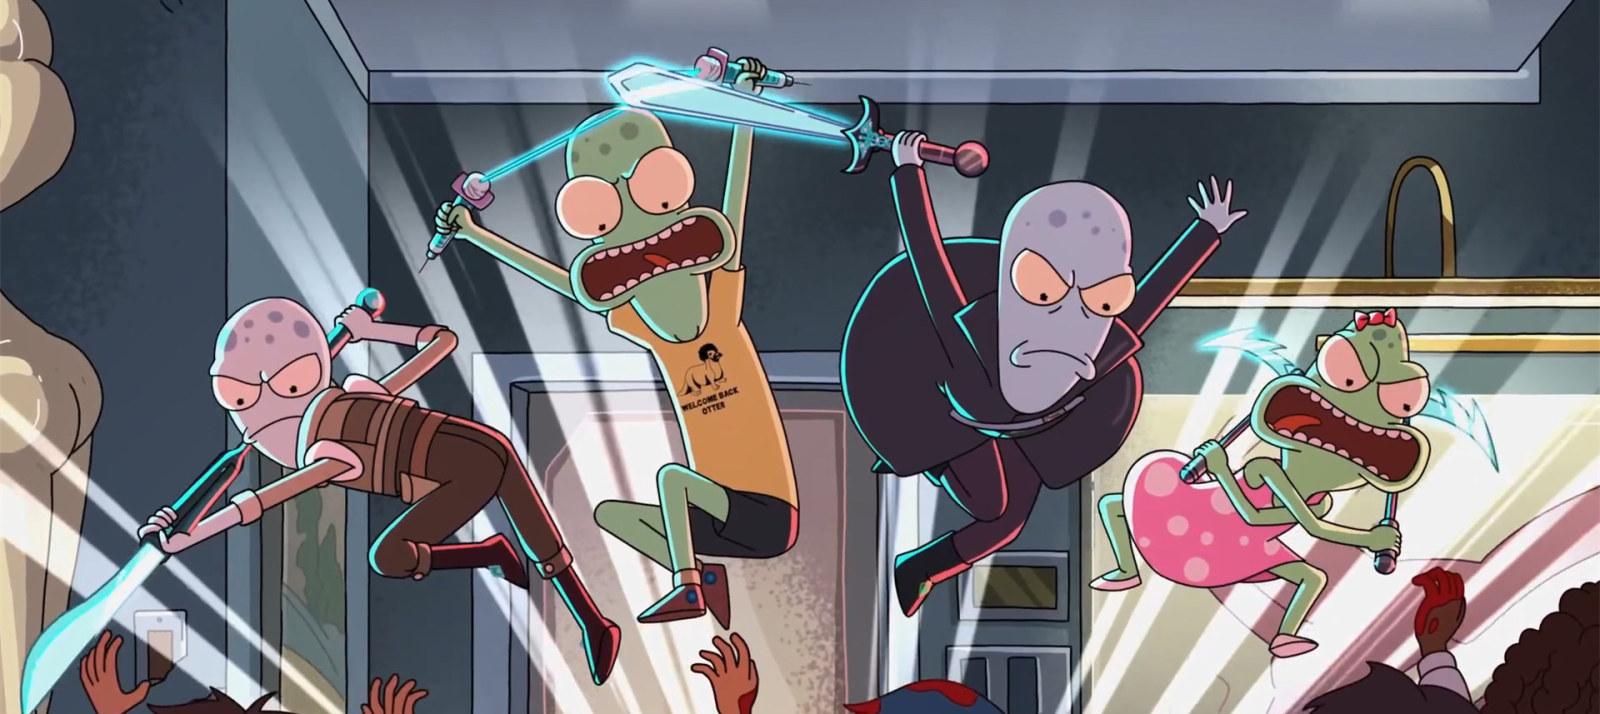 《瑞克与莫蒂》主创打造,动画剧集《外星也难民》发布预告